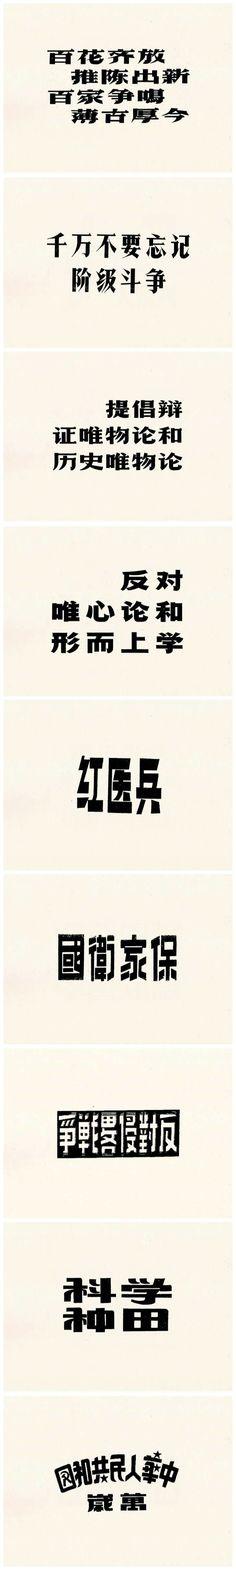 美术字时代:二十世纪七十年代 (1)